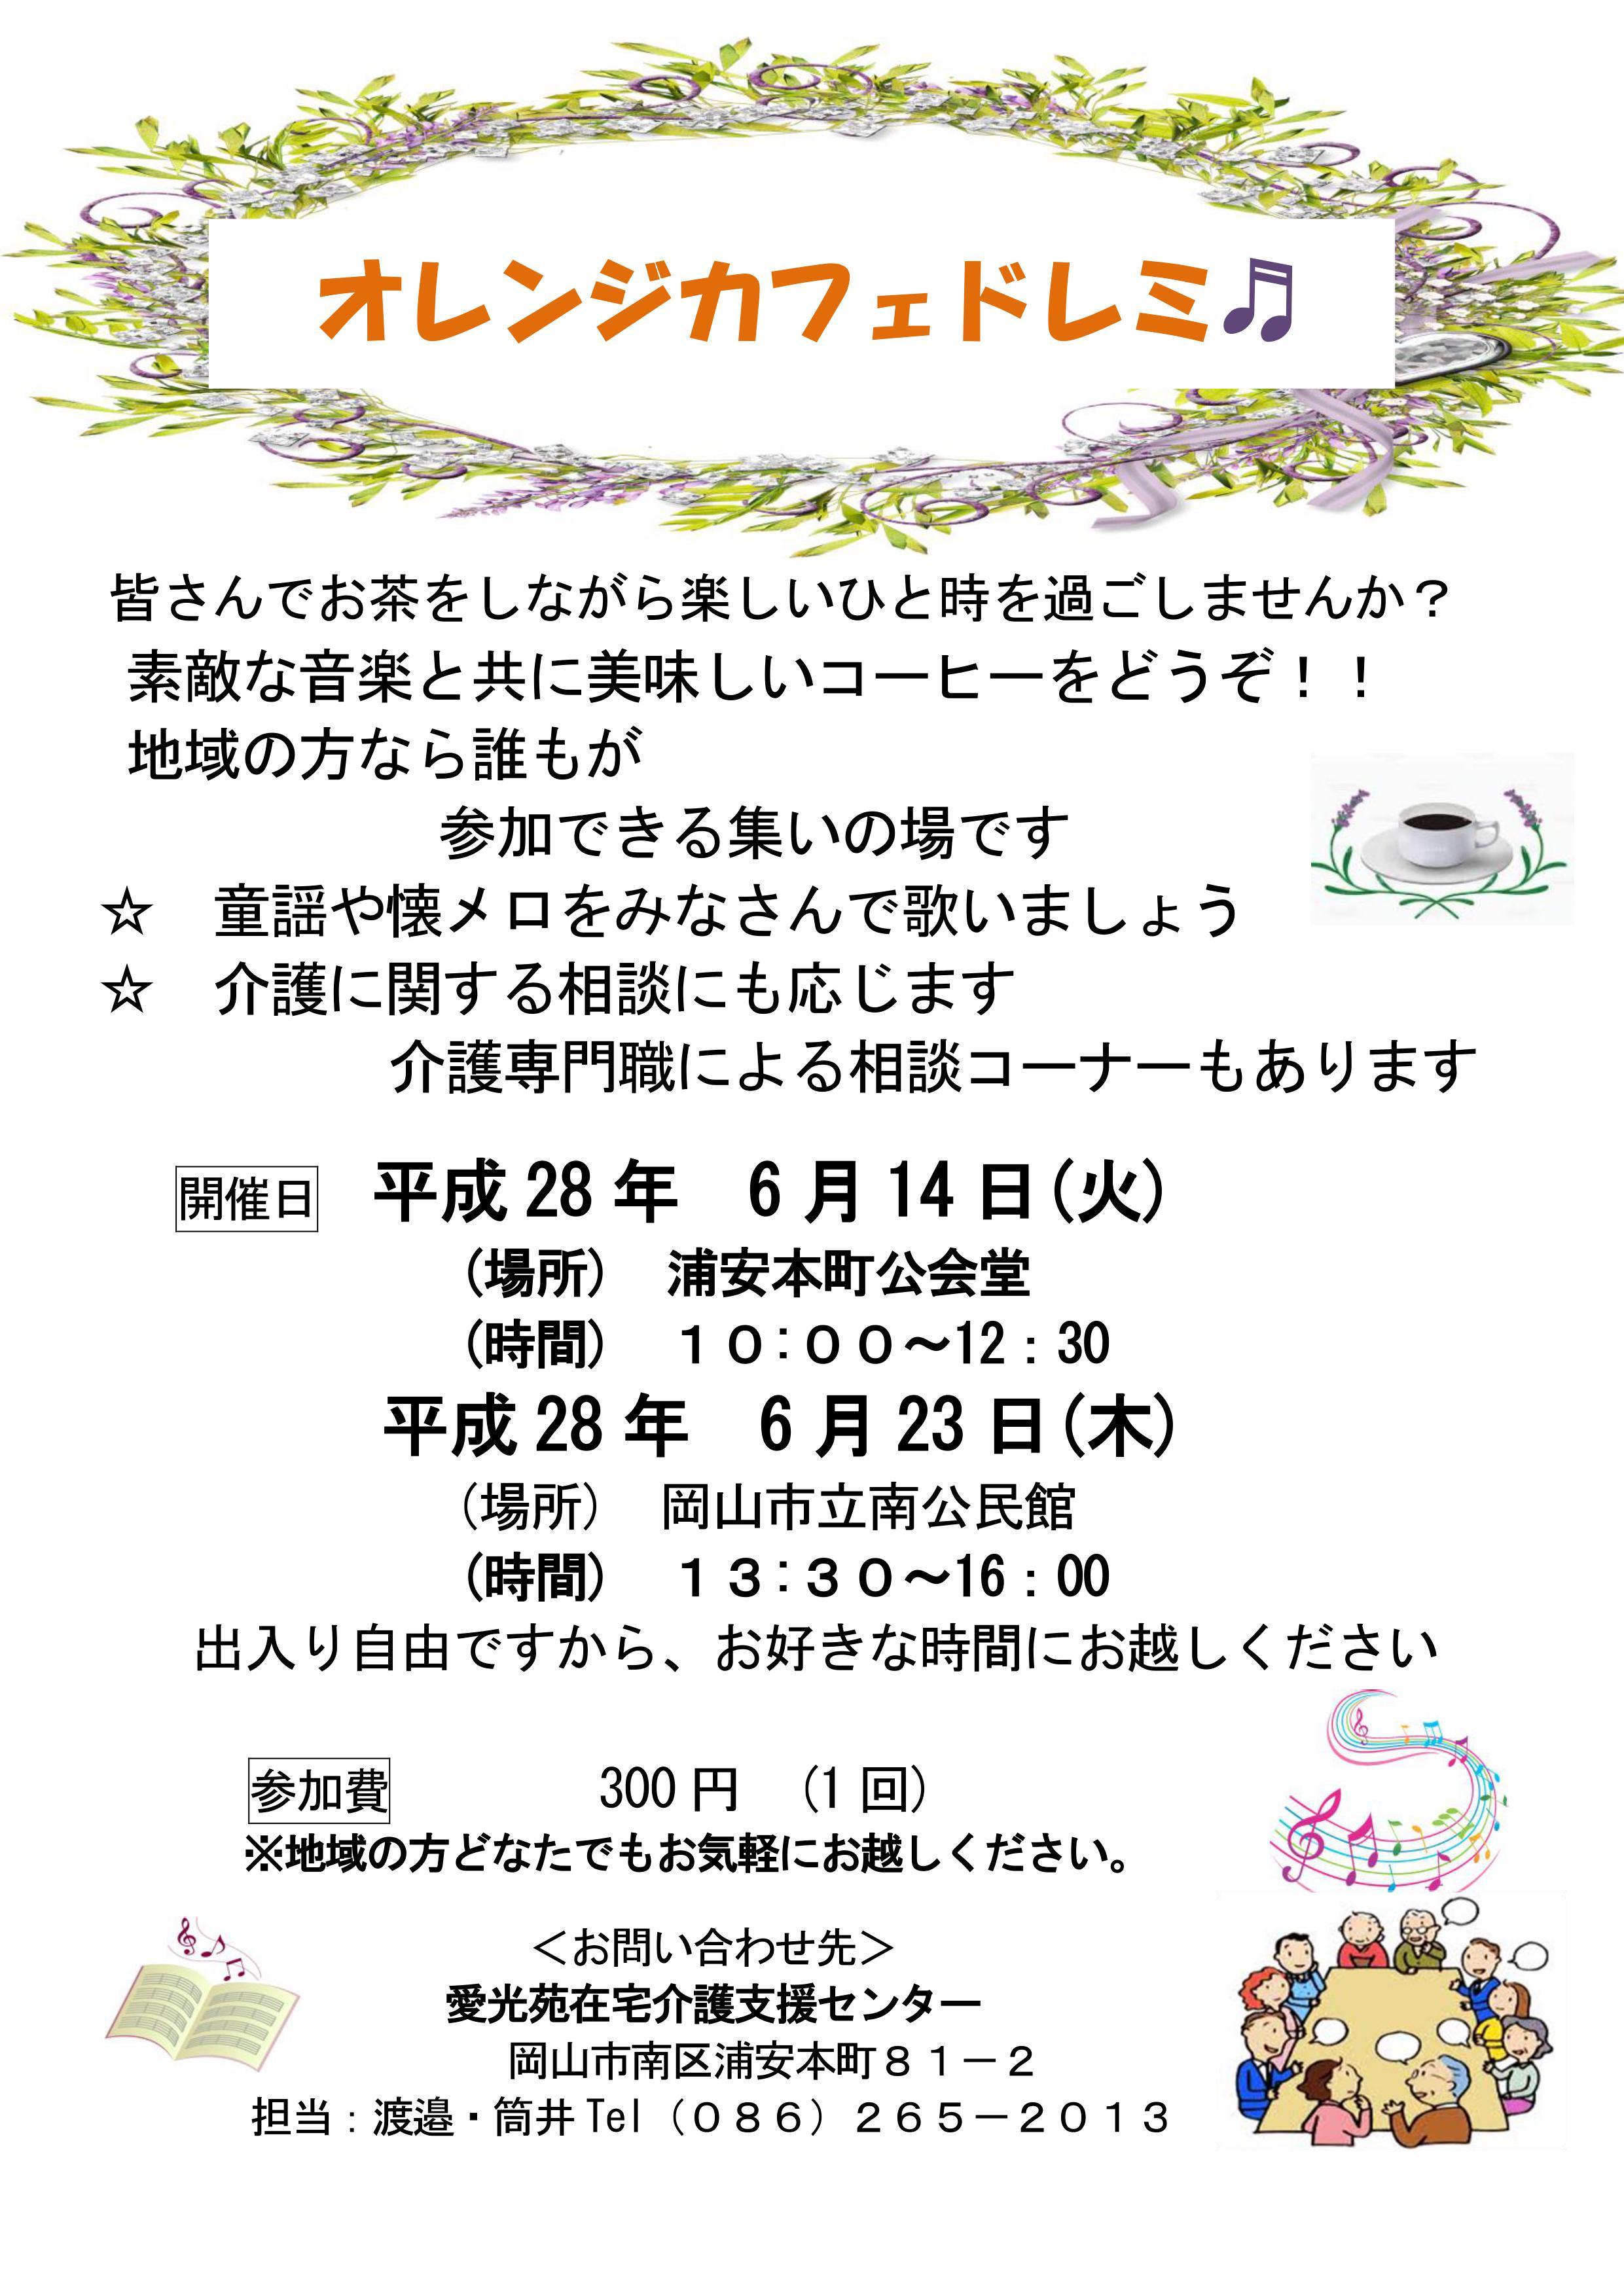 オレンジカフェチラシHP用(28.6月)